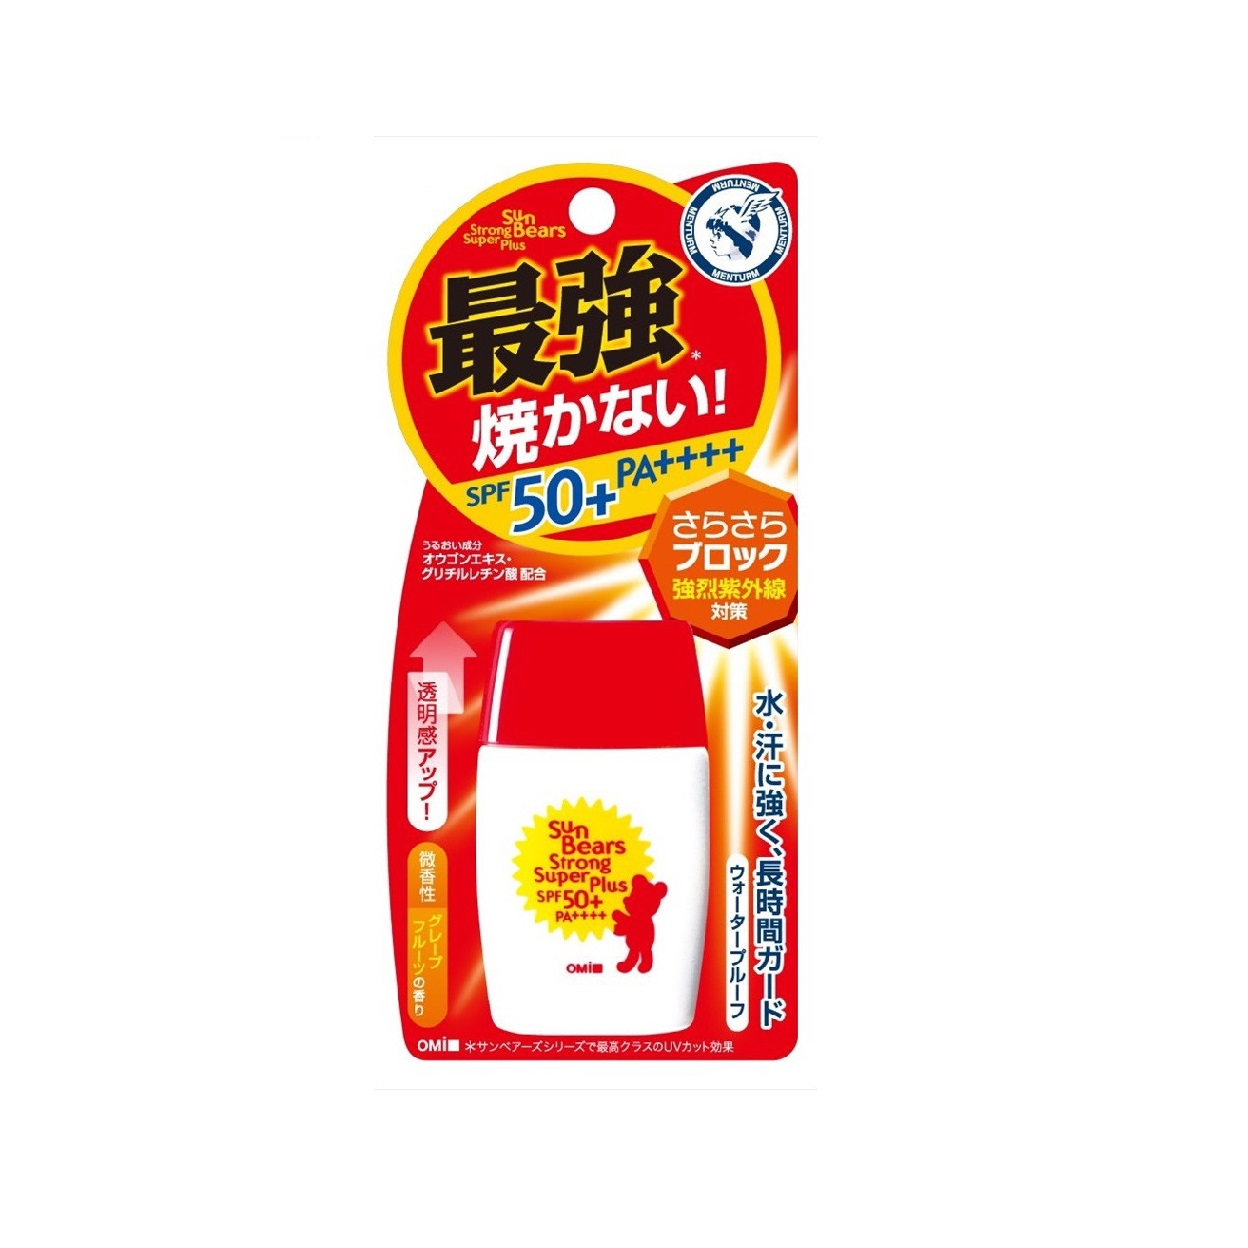 Kem chống nắng Omi Sun Bears Strong Super Plus SPF50+ PA++++ 30g (màu đỏ)